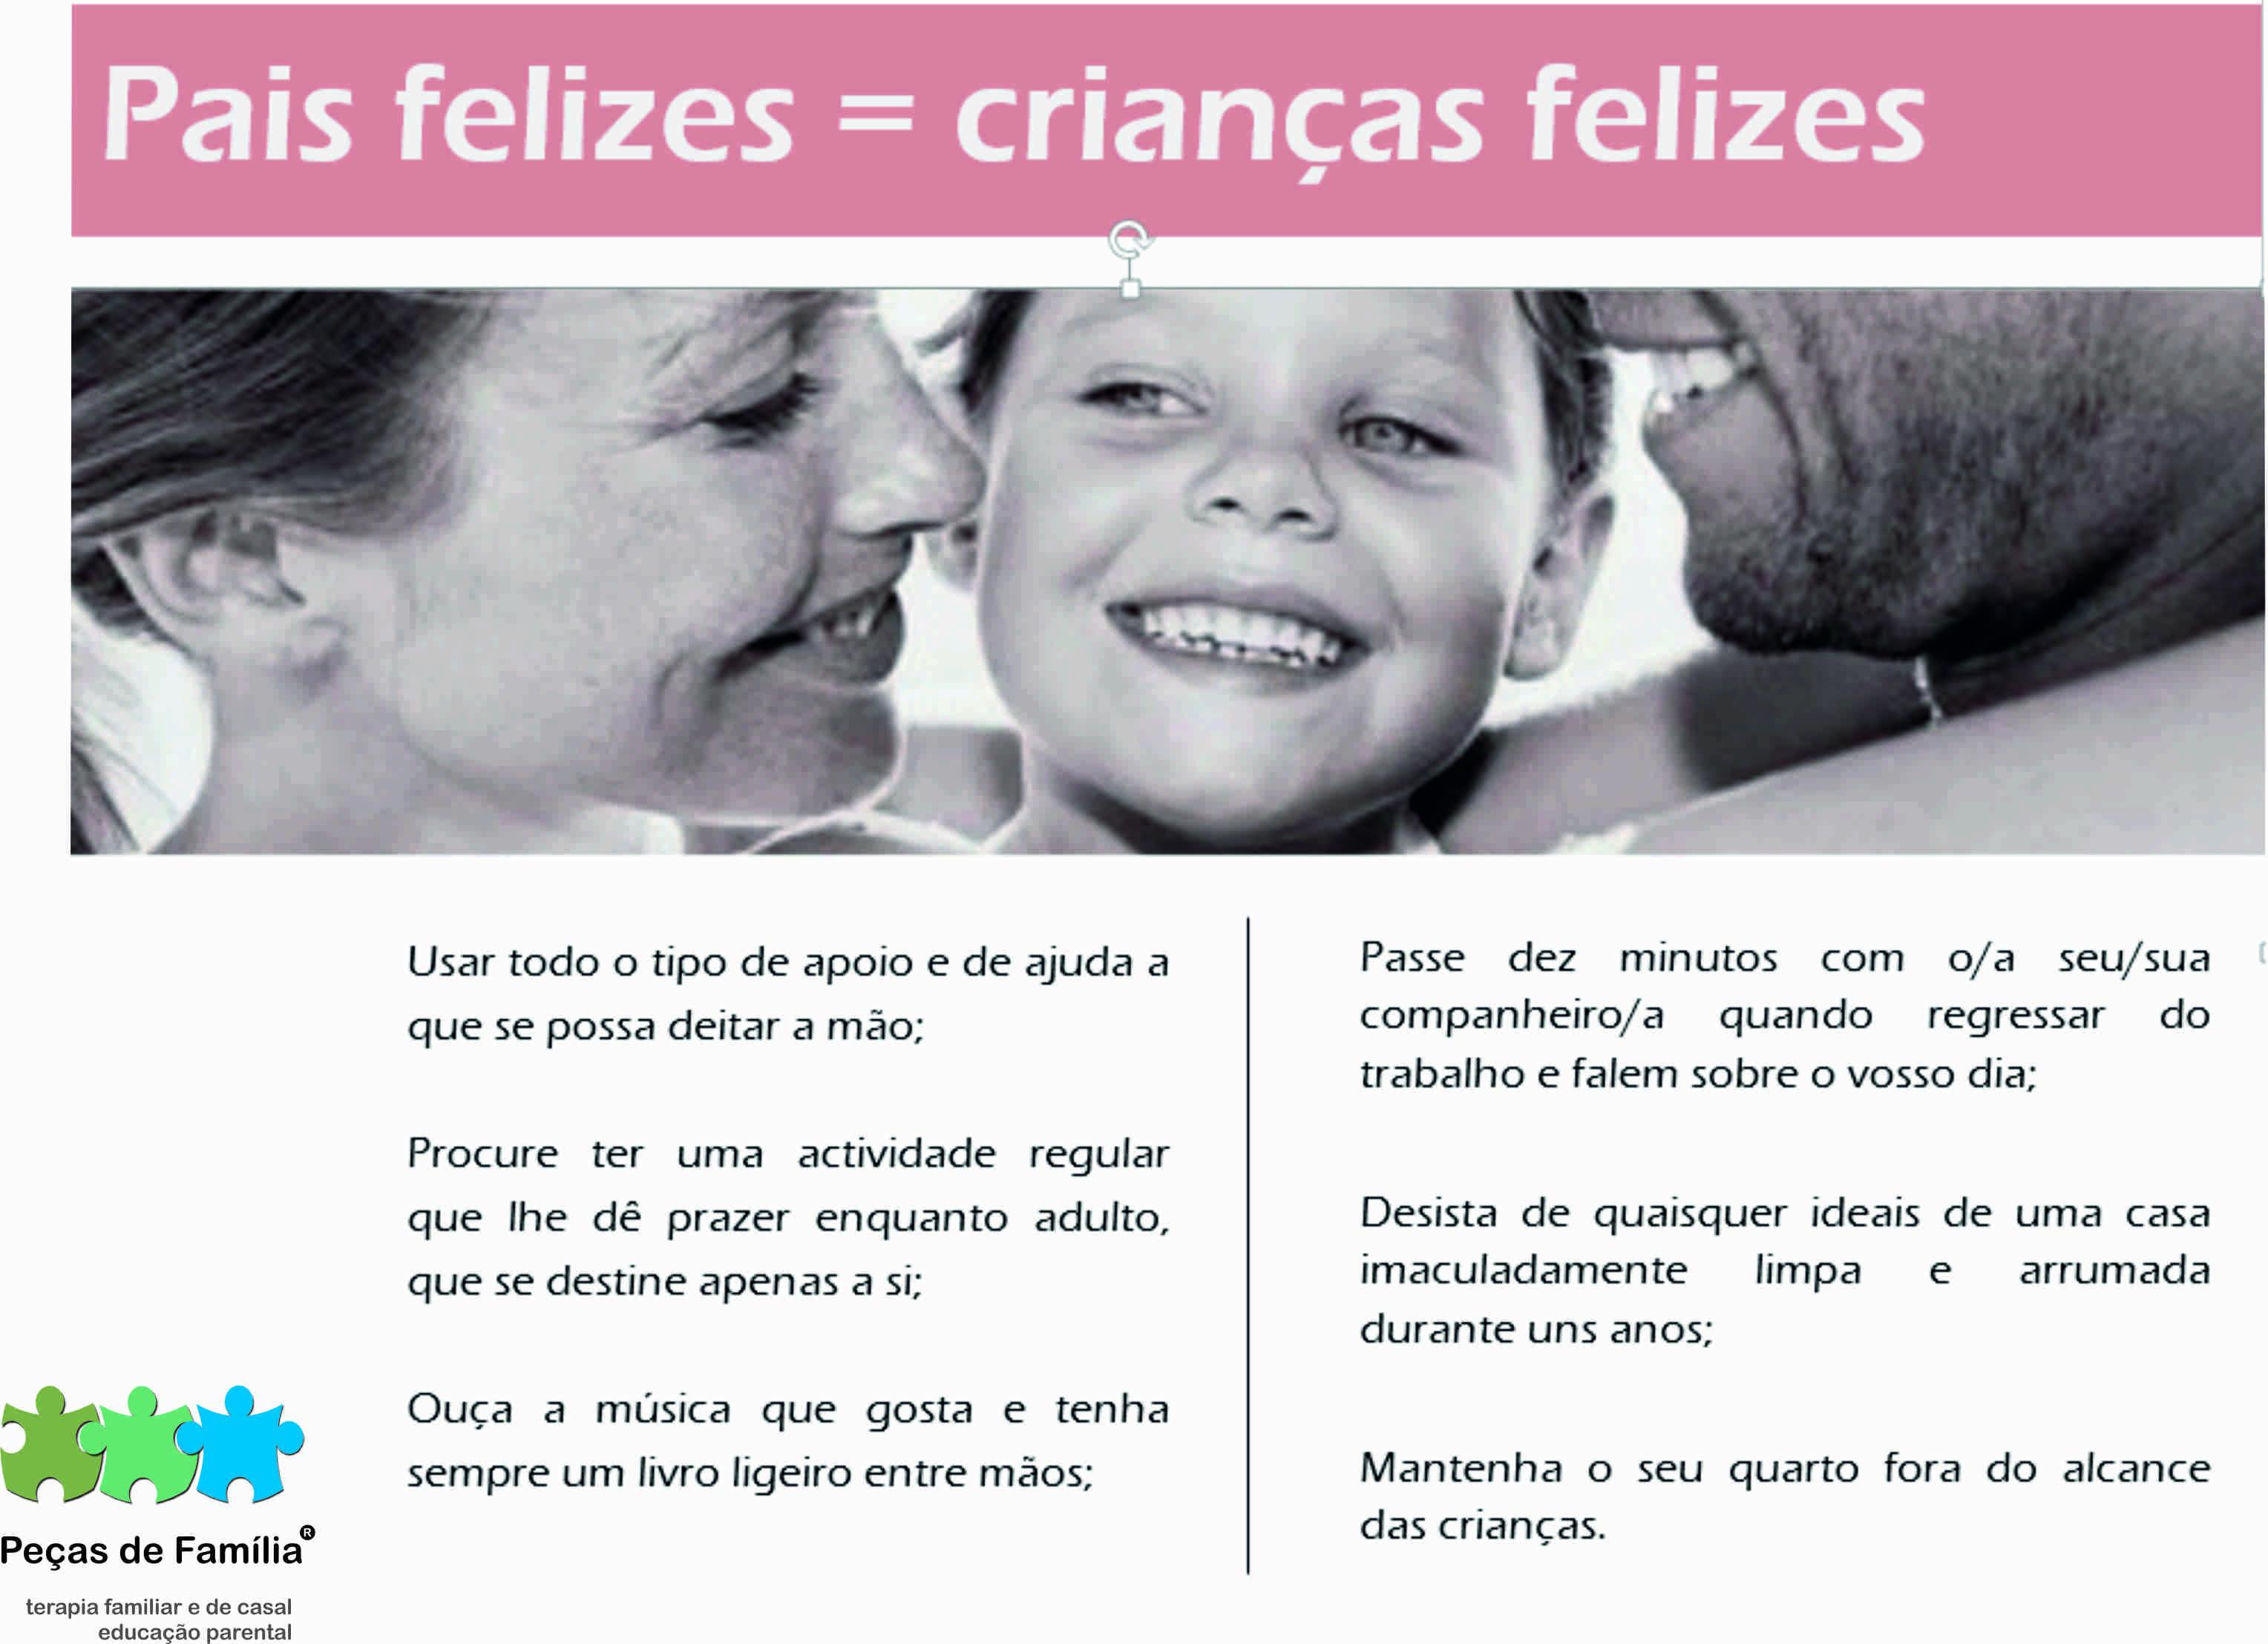 2015_pais felizes criancas felizes.jpg